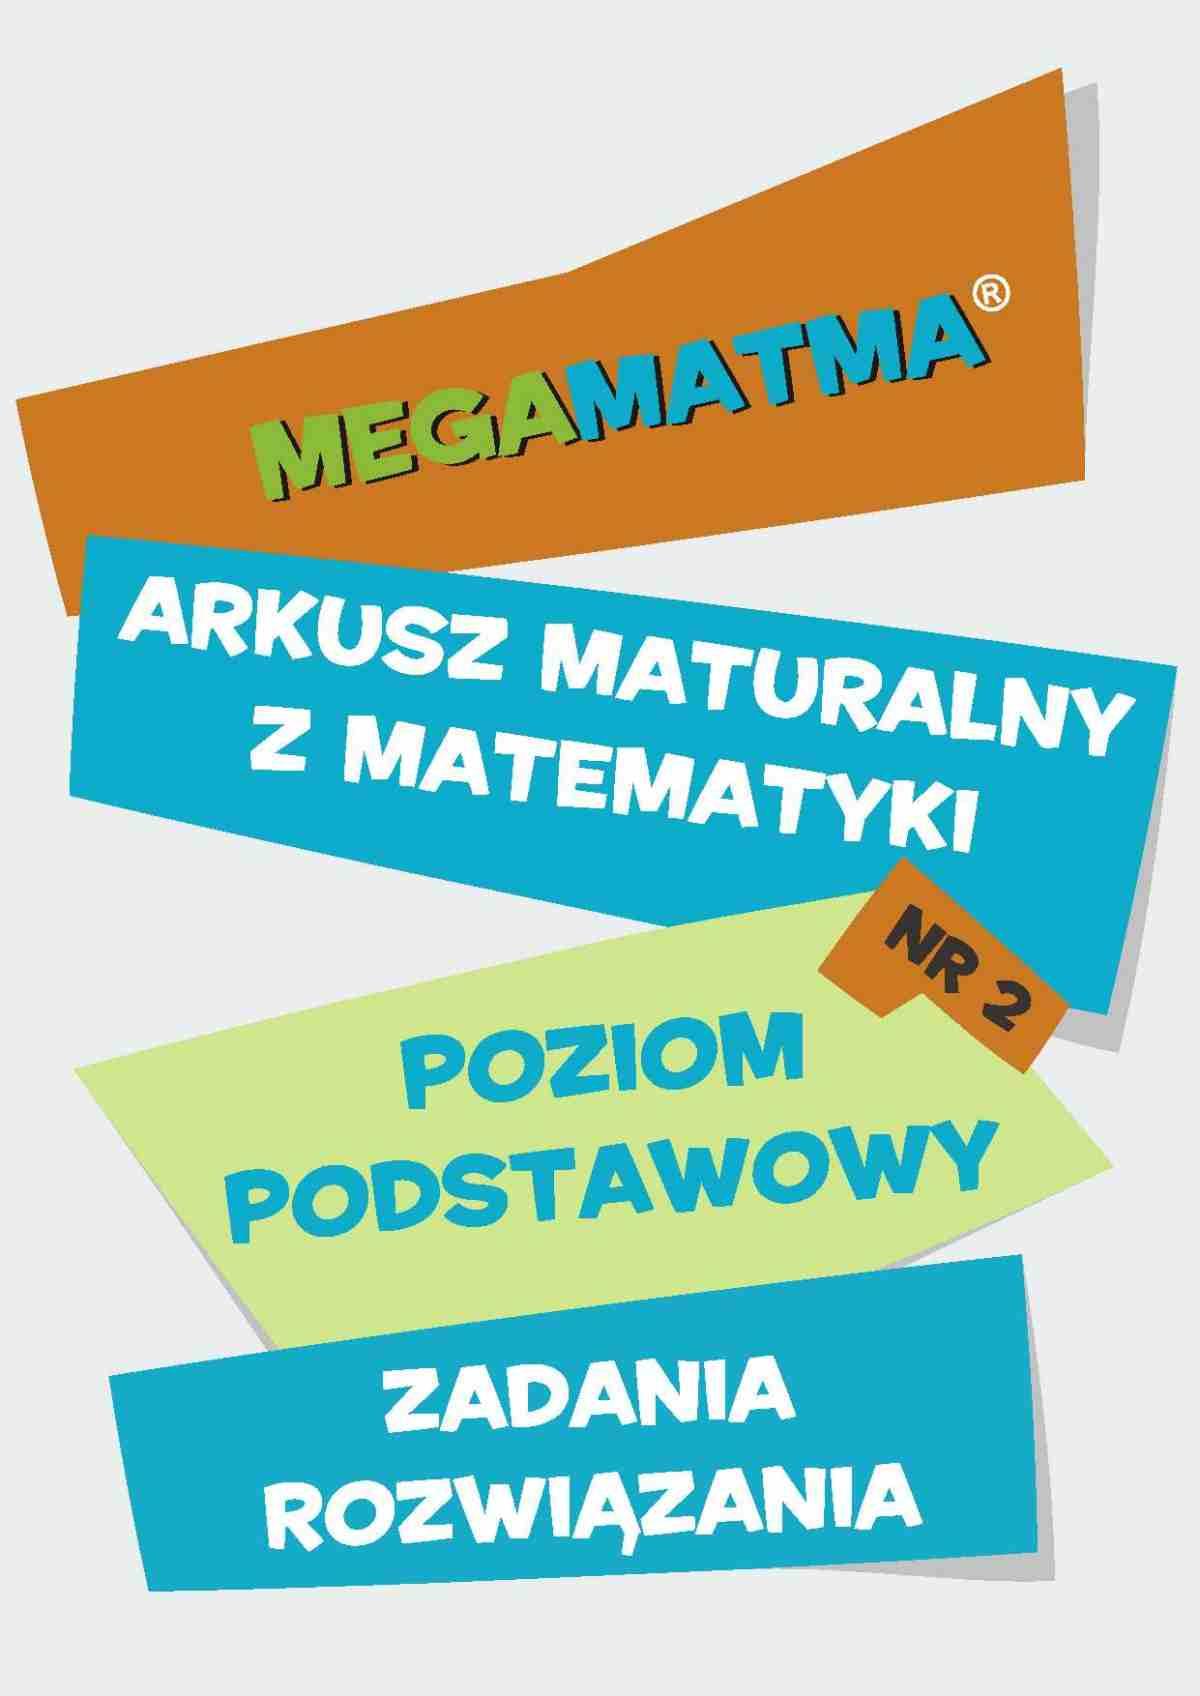 Matematyka-Arkusz maturalny. MegaMatma nr 2. Poziom podstawowy. Zadania z rozwiązaniami. - Ebook (Książka PDF) do pobrania w formacie PDF